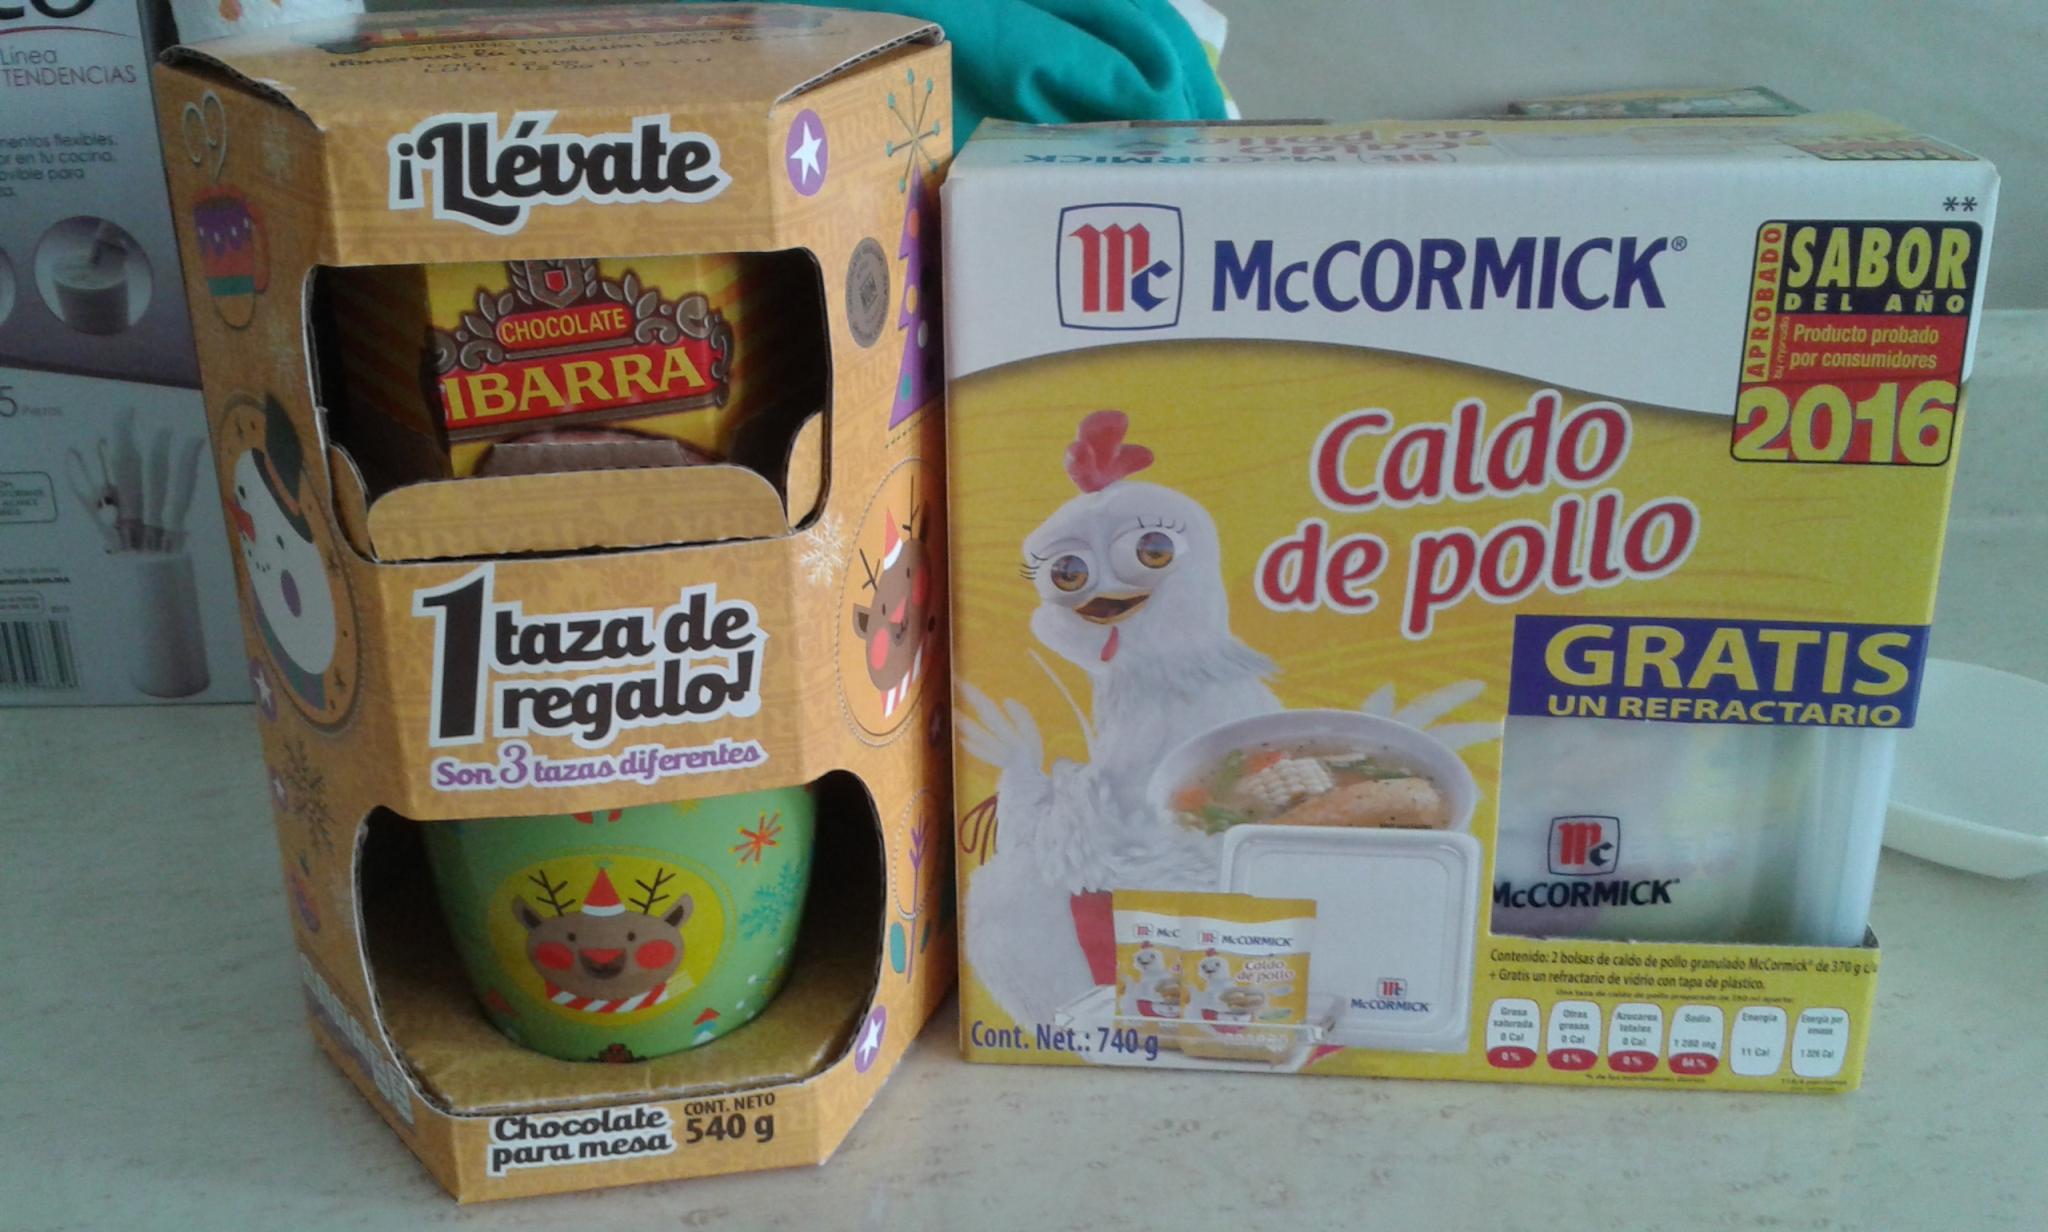 Walmart: Chocolate de mesa Ibarra a $27.03 y Consome McCormick con Refractario a $49.90